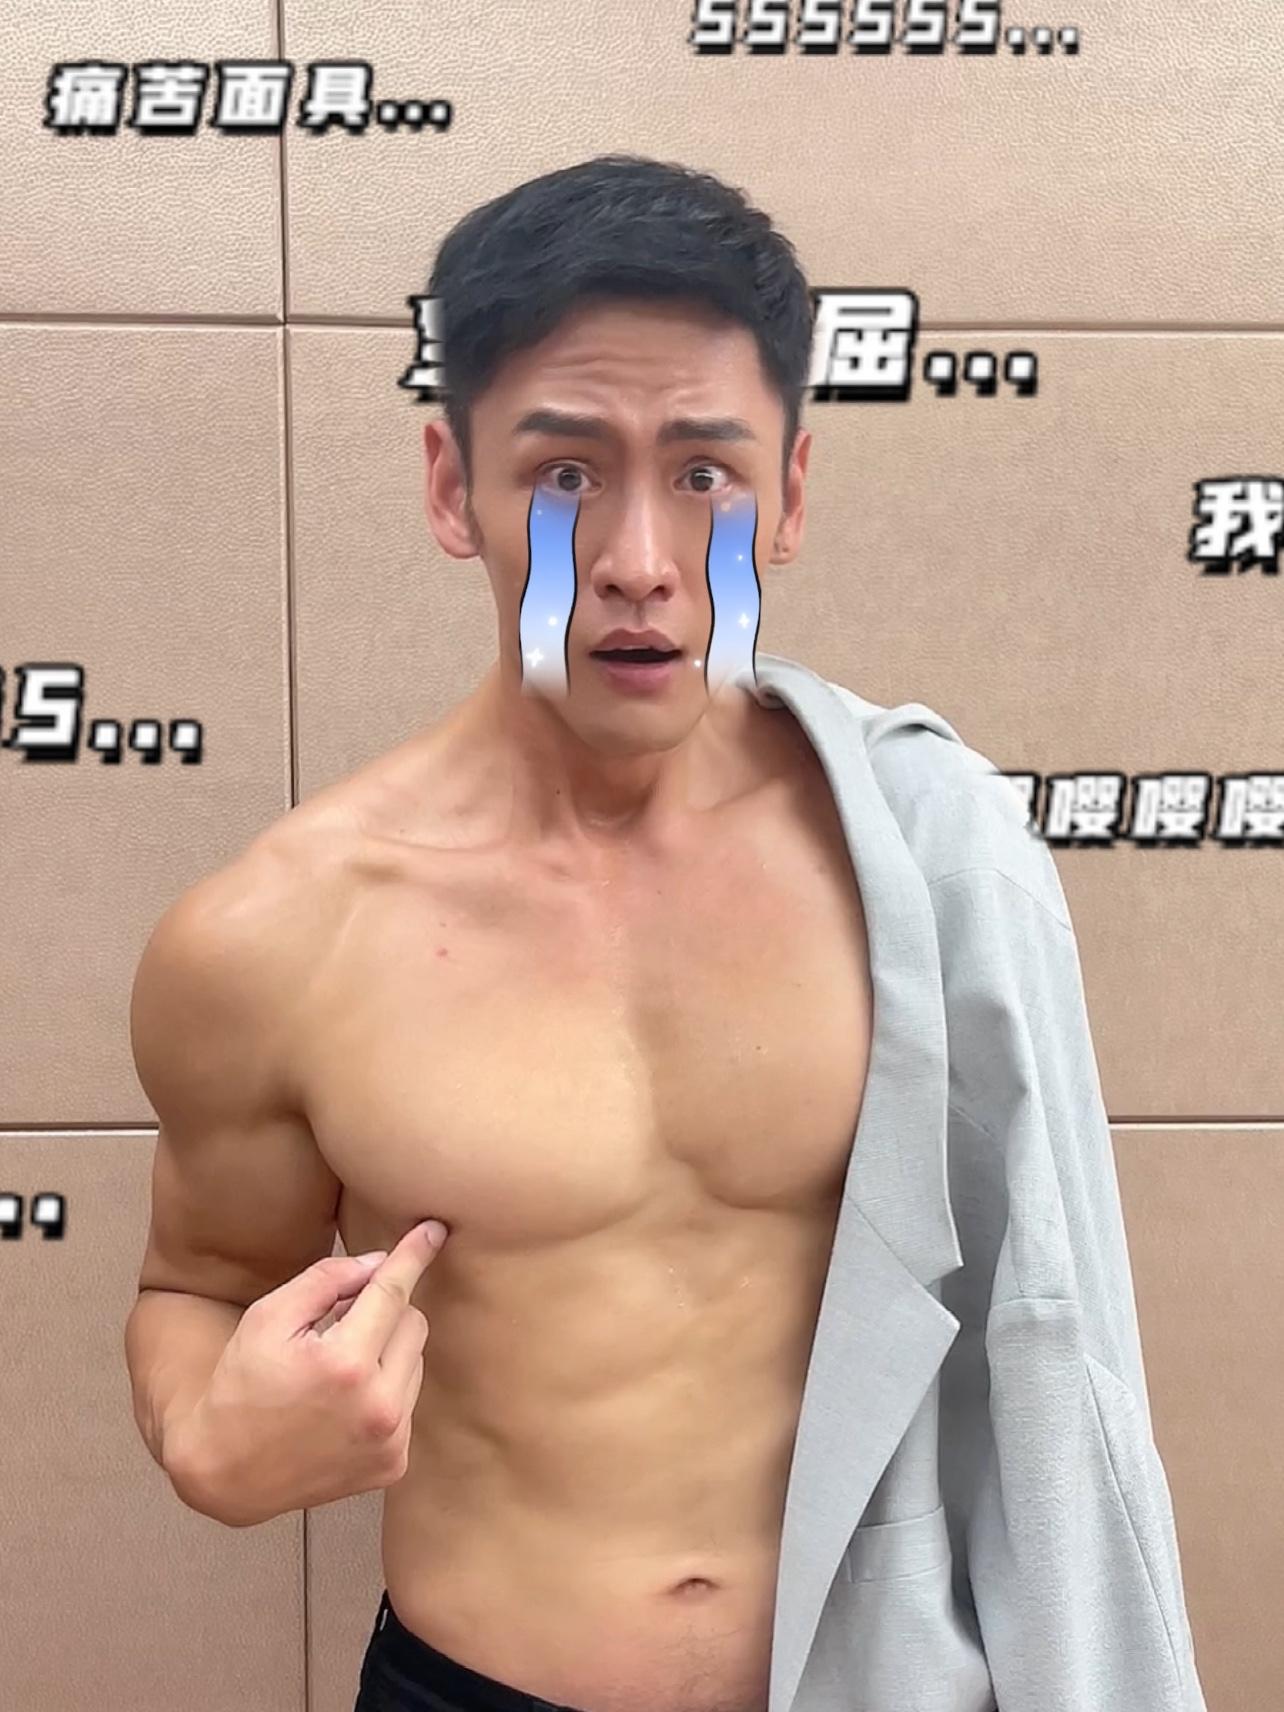 行走的荷尔蒙 肌肉男神顾佑明的身材你想拥有吗?